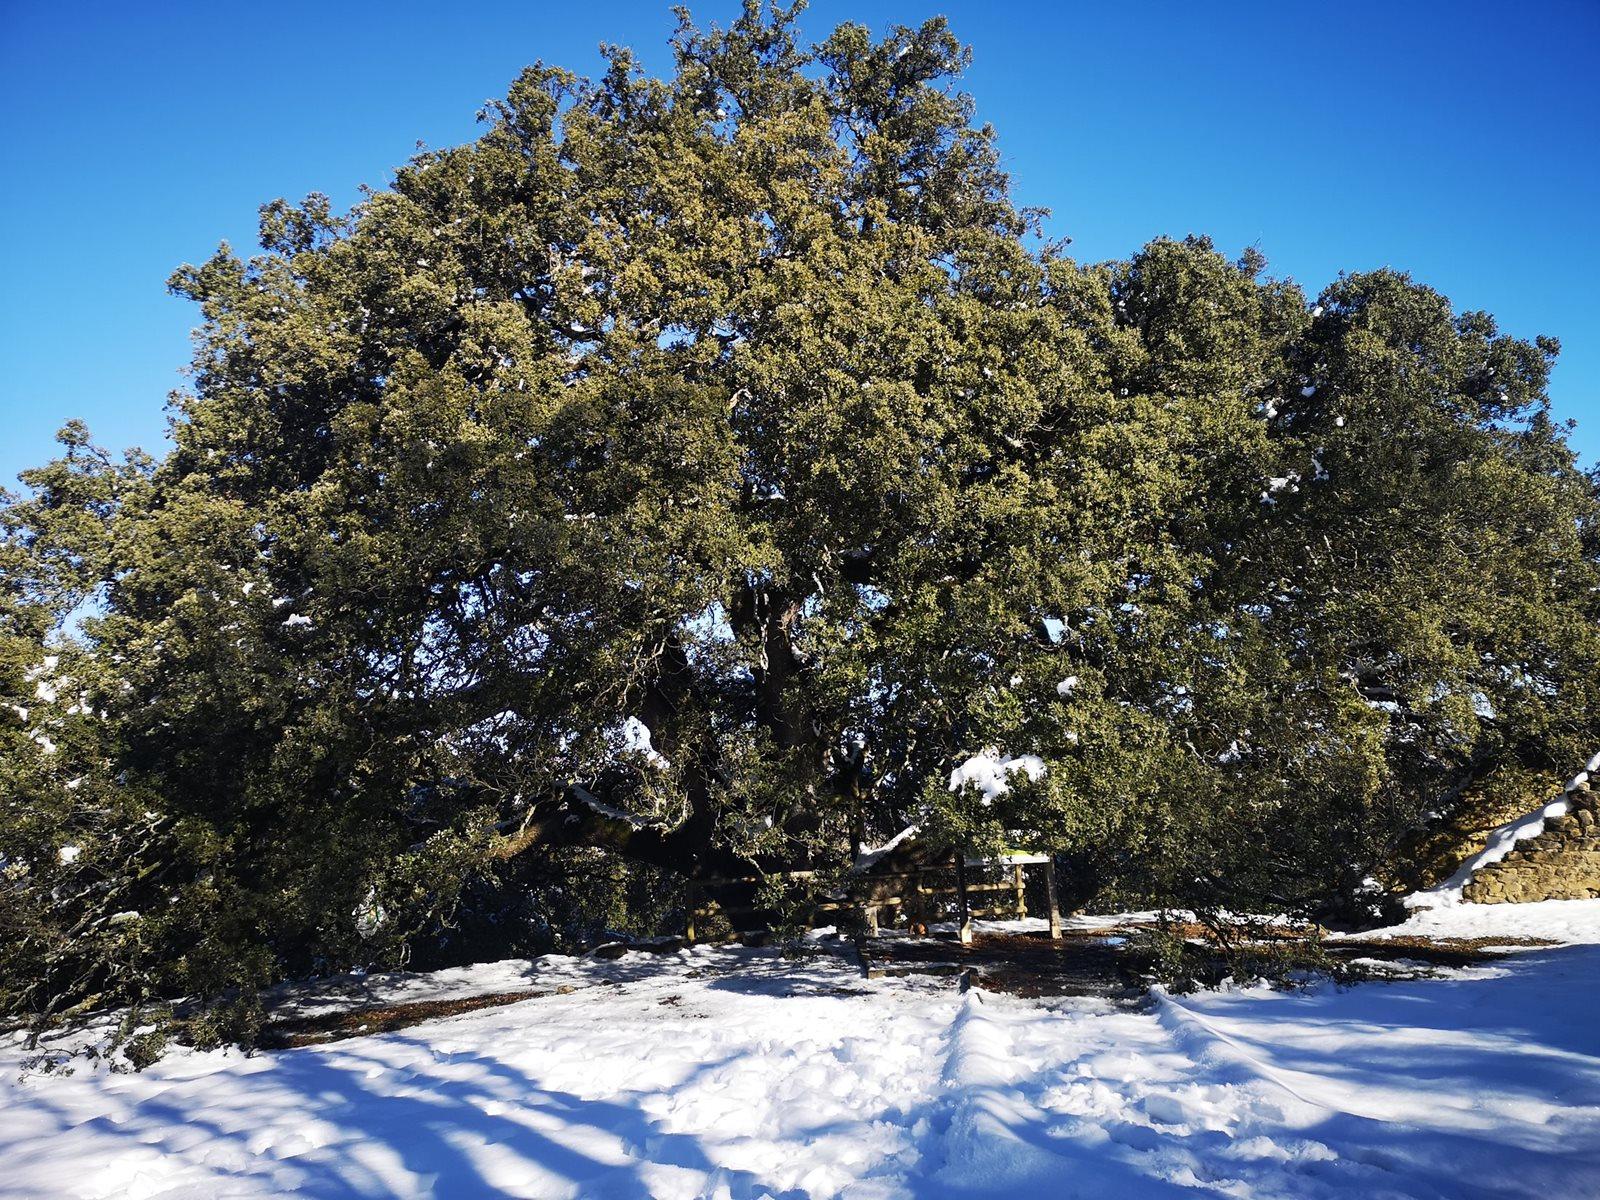 Konkurs Europejskie Drzewo Roku rozstrzygnięty!